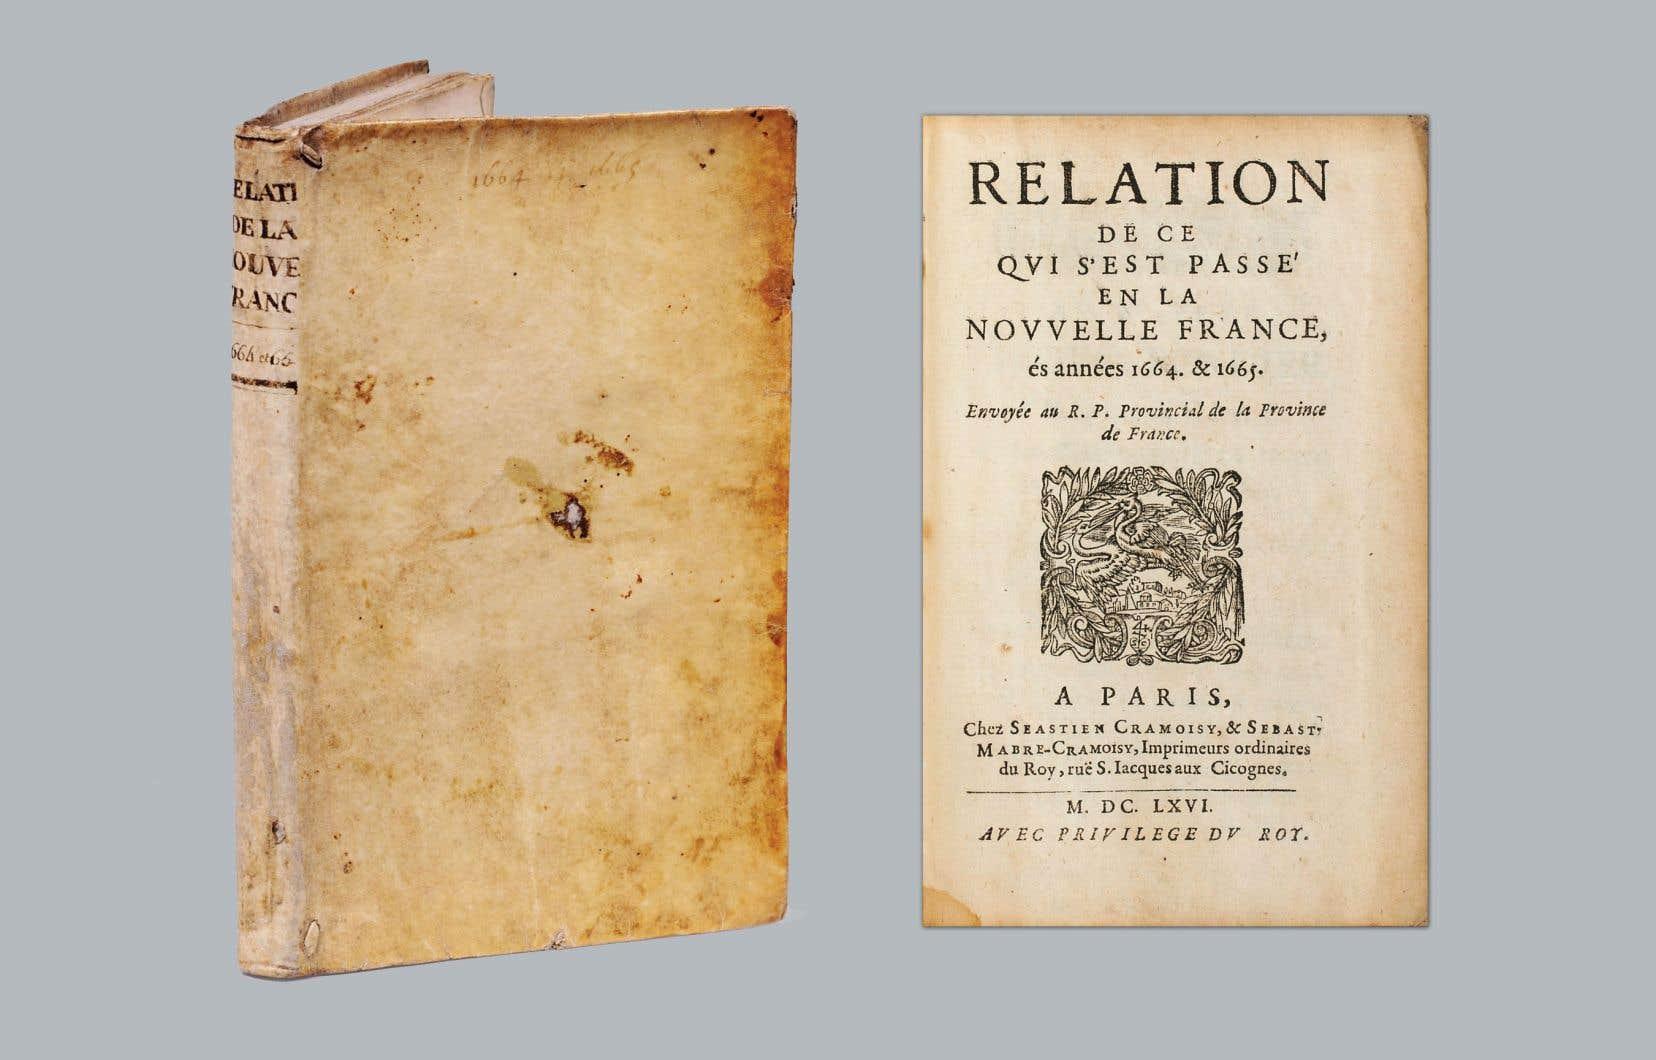 François-Joseph Le Mercier, Paris, 1666. Édition originale.